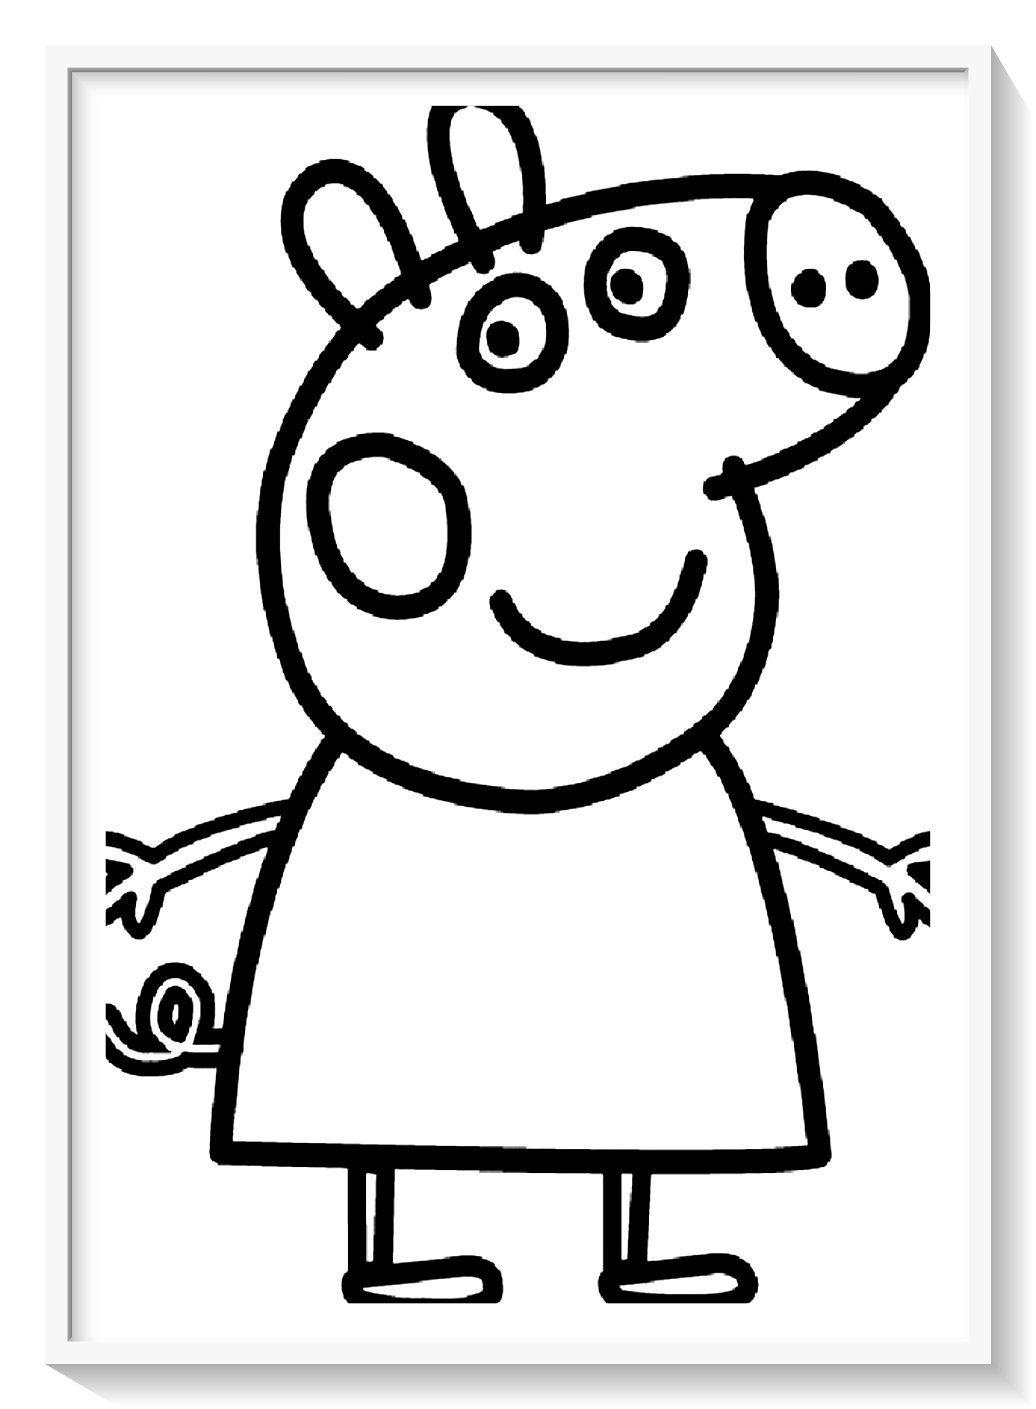 Los Mas Lindos Dibujos De Peppa Pig Para Colorear Y Pintar A Todo Color Imagenes Prontas Par Peppa Pig Colouring Peppa Pig Coloring Pages Peppa Pig Printables